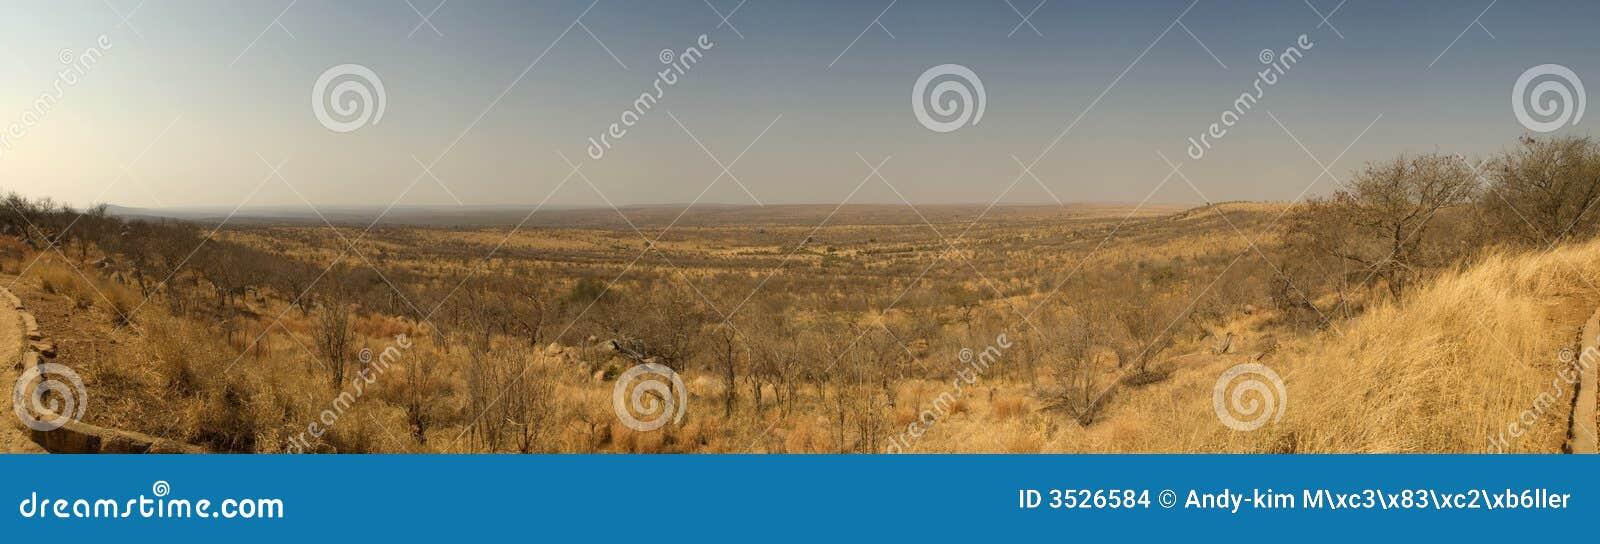 Panorama de la savane